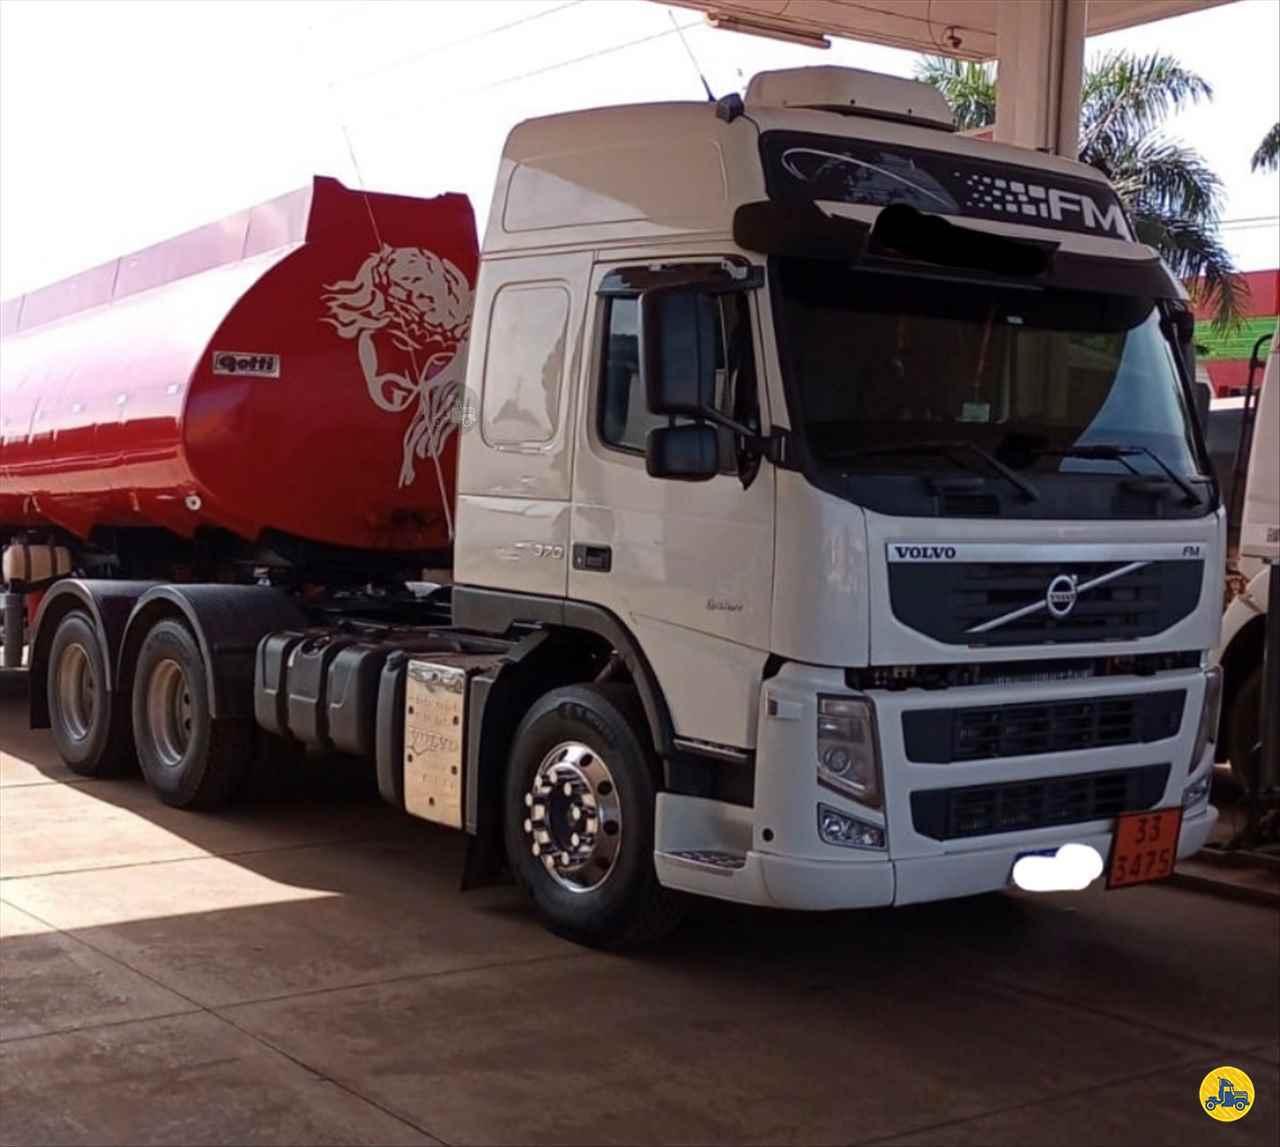 CAMINHAO VOLVO VOLVO FM 370 Cavalo Mecânico Truck 6x2 Rodrigo Caminhões CAMPO GRANDE MATO GROSSO DO SUL MS